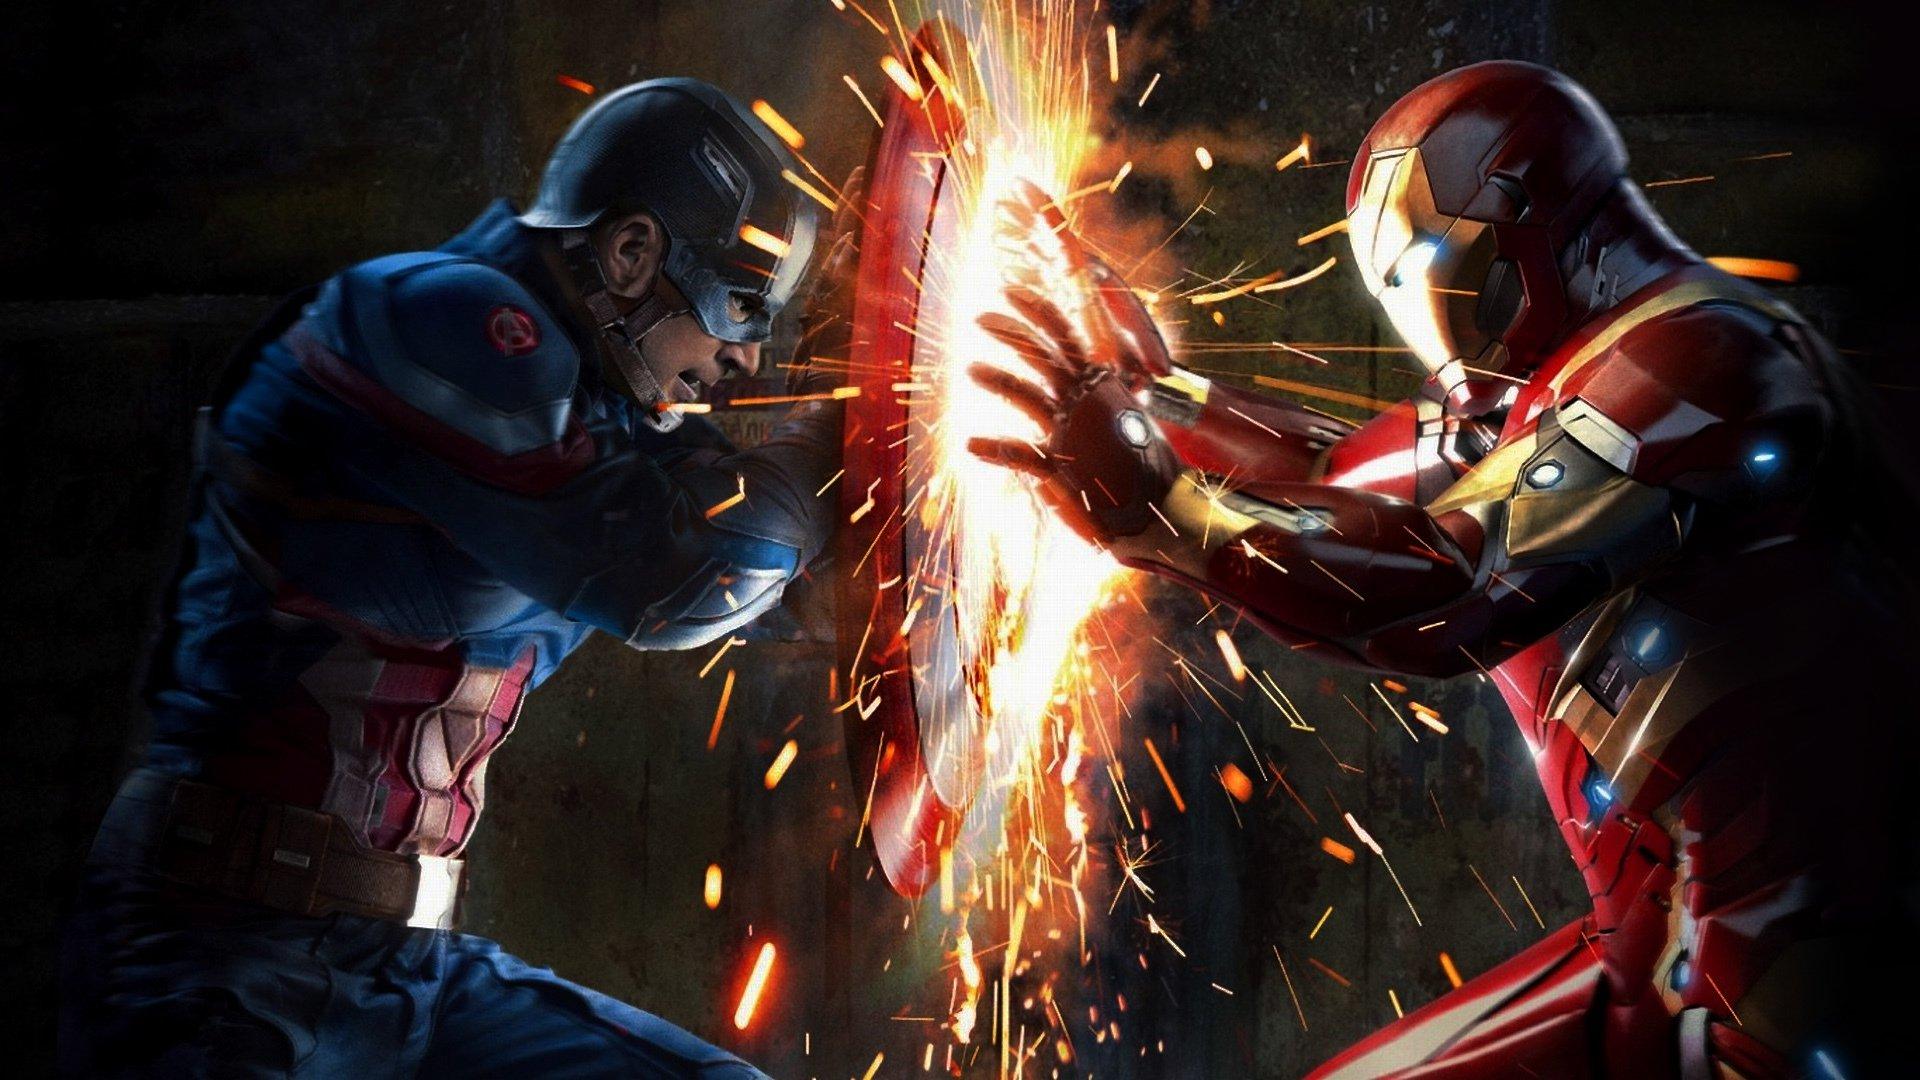 Regardez la bande annonce du film Captain America Civil War Captain America Civil War Bandeannonce 2 VO Captain America Civil War un film de Anthony Russo